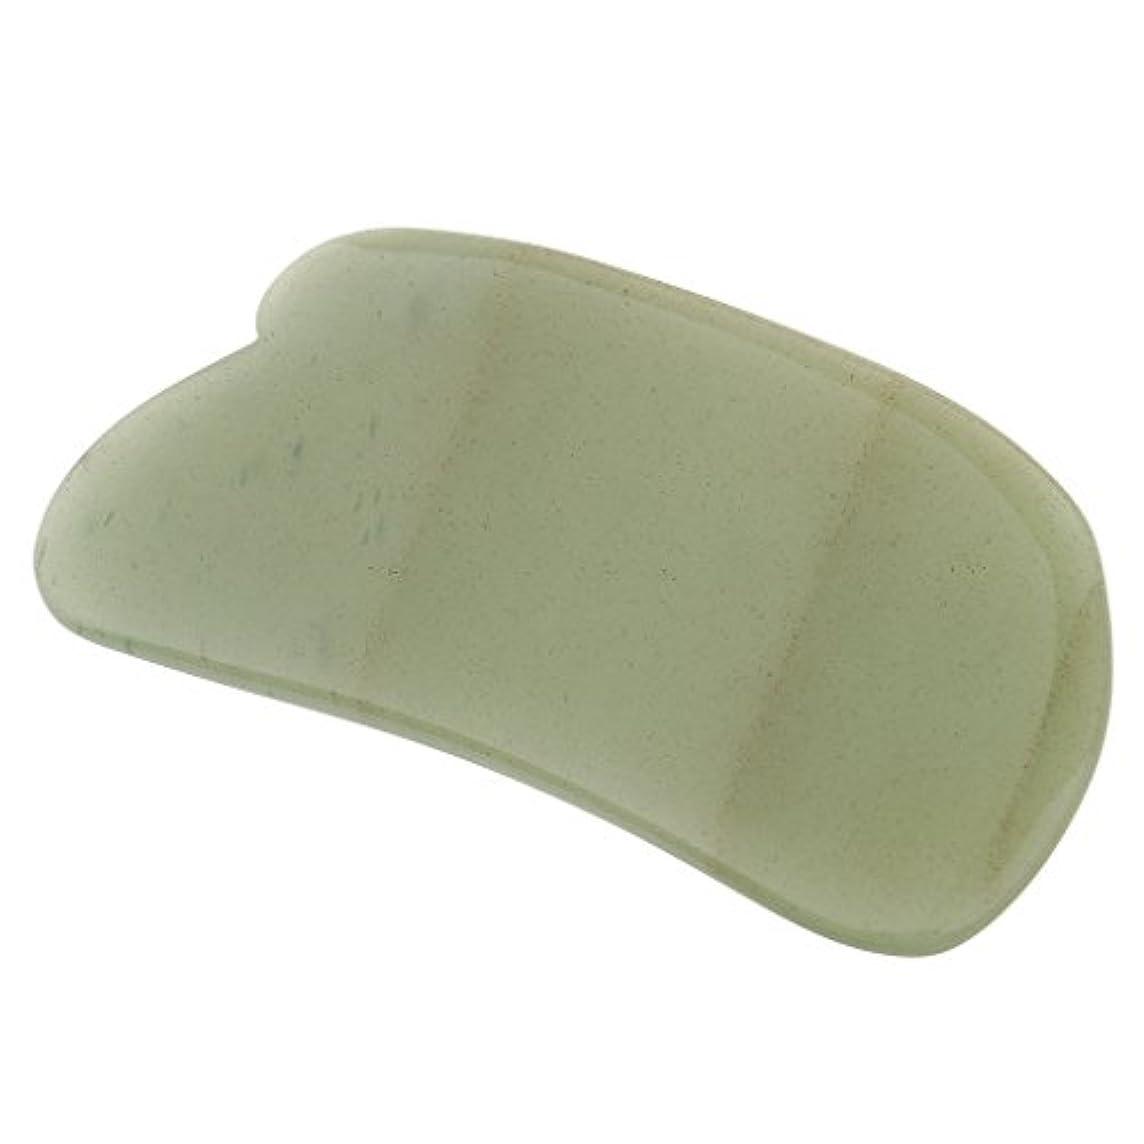 過激派宿泊関数カッサ板 美顔 天然石  アベンチュリン カッサボード カッサマッサージ道具 ギフト マッサージ道具  健康ツール 2タイプ選べ  - タイプ1